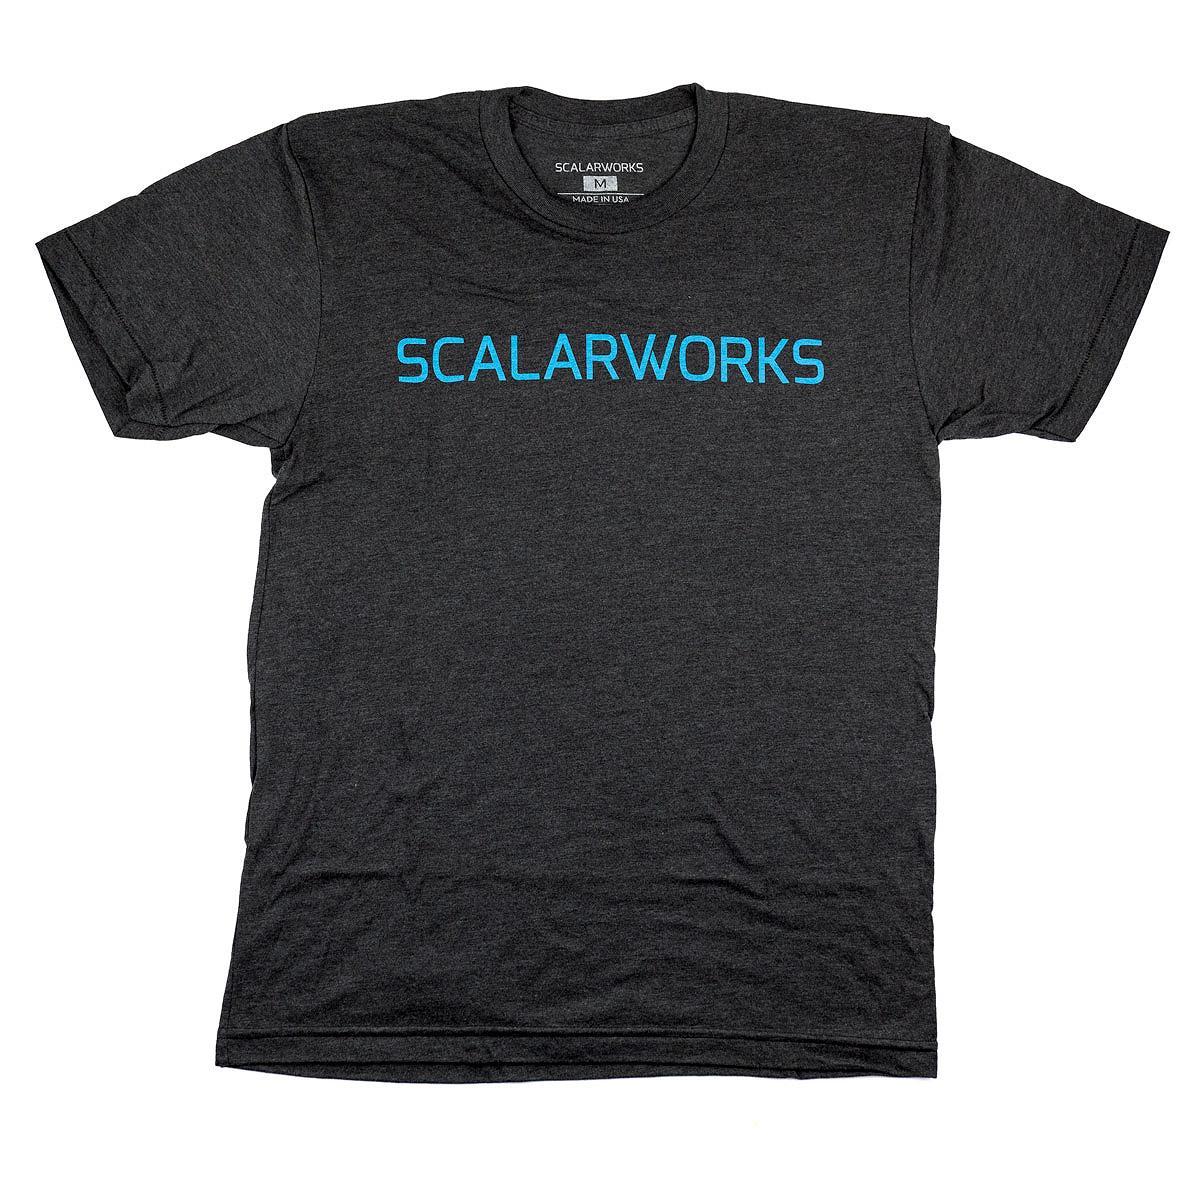 【お届け予定日: 5月30日】スカラーワークス Logo Tee Small SCALARWORKS